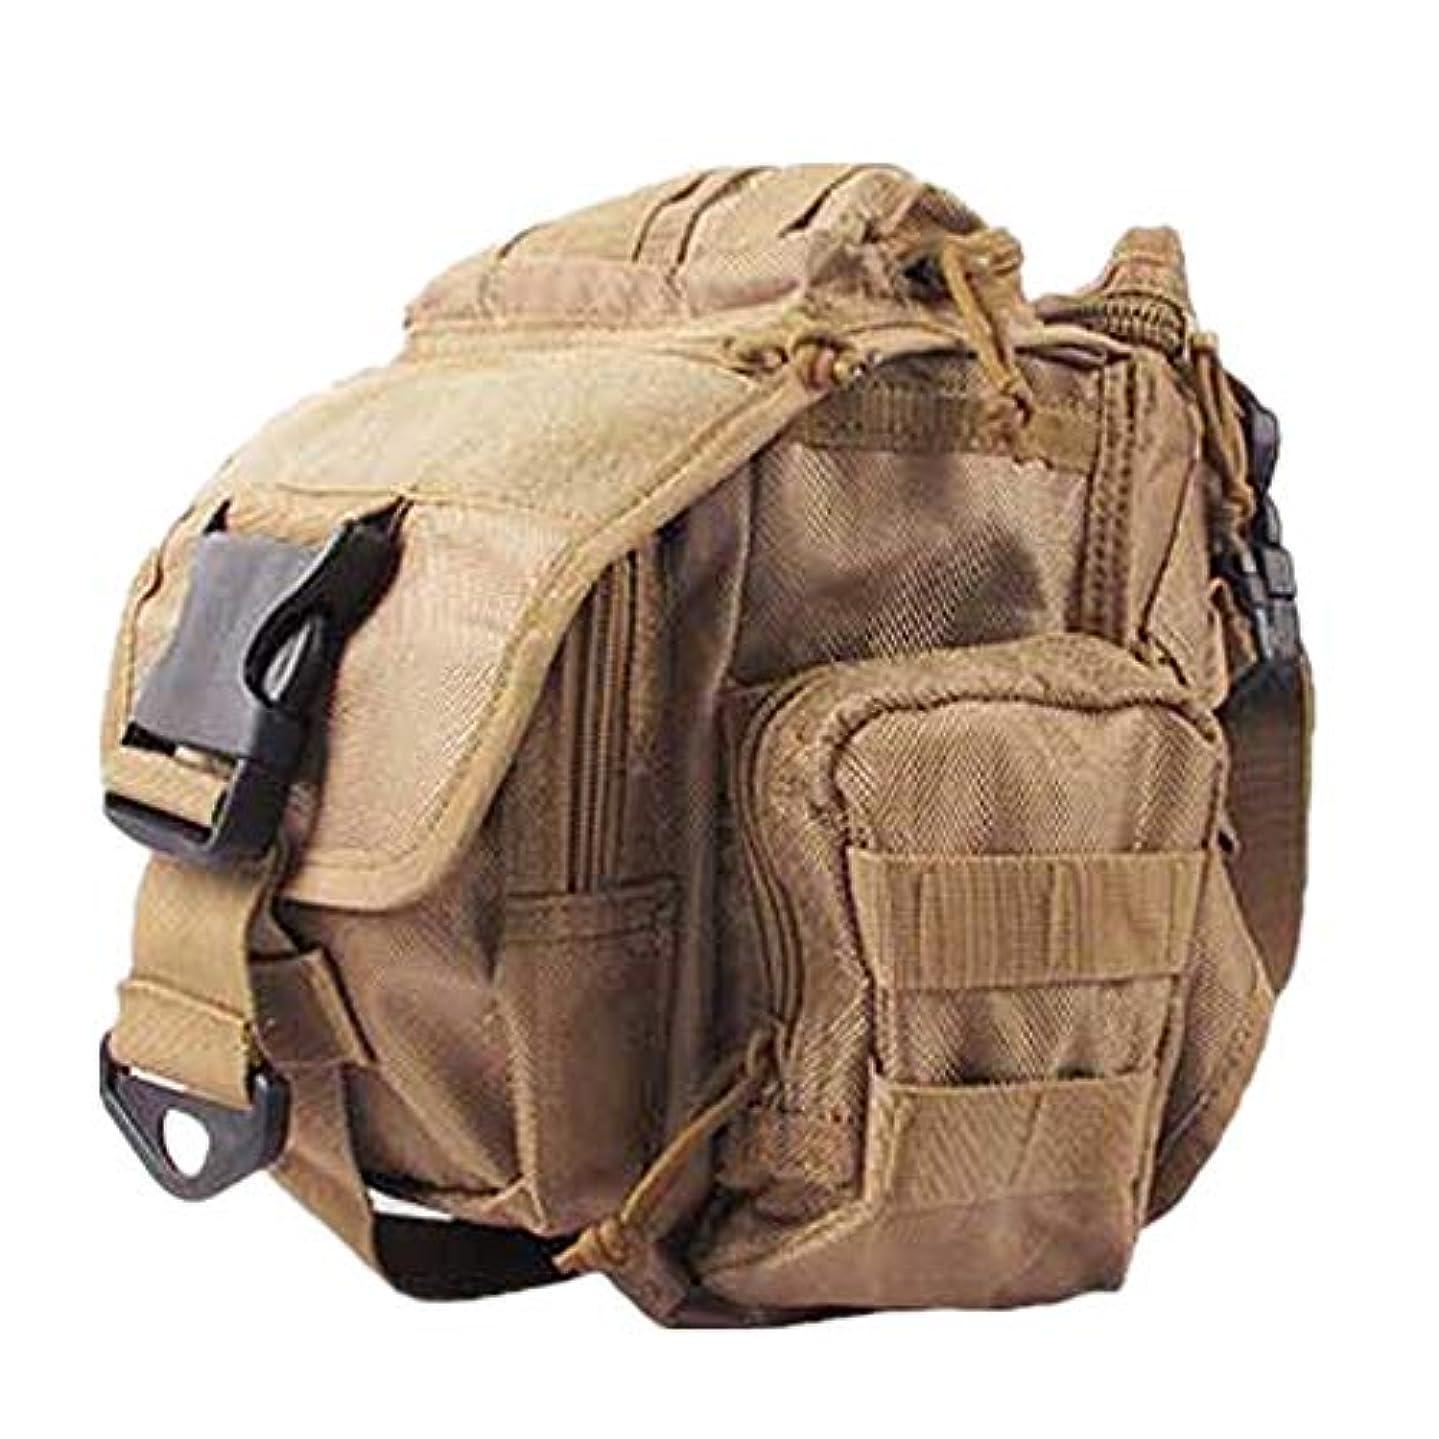 後者マイコンゲインセイ釣り用タックルバッグ 弾性通気ポケット多機能アウトドアスポーツバッグ 耐水 多機能 大容量 防水 (Color : Khaki, Size : S)